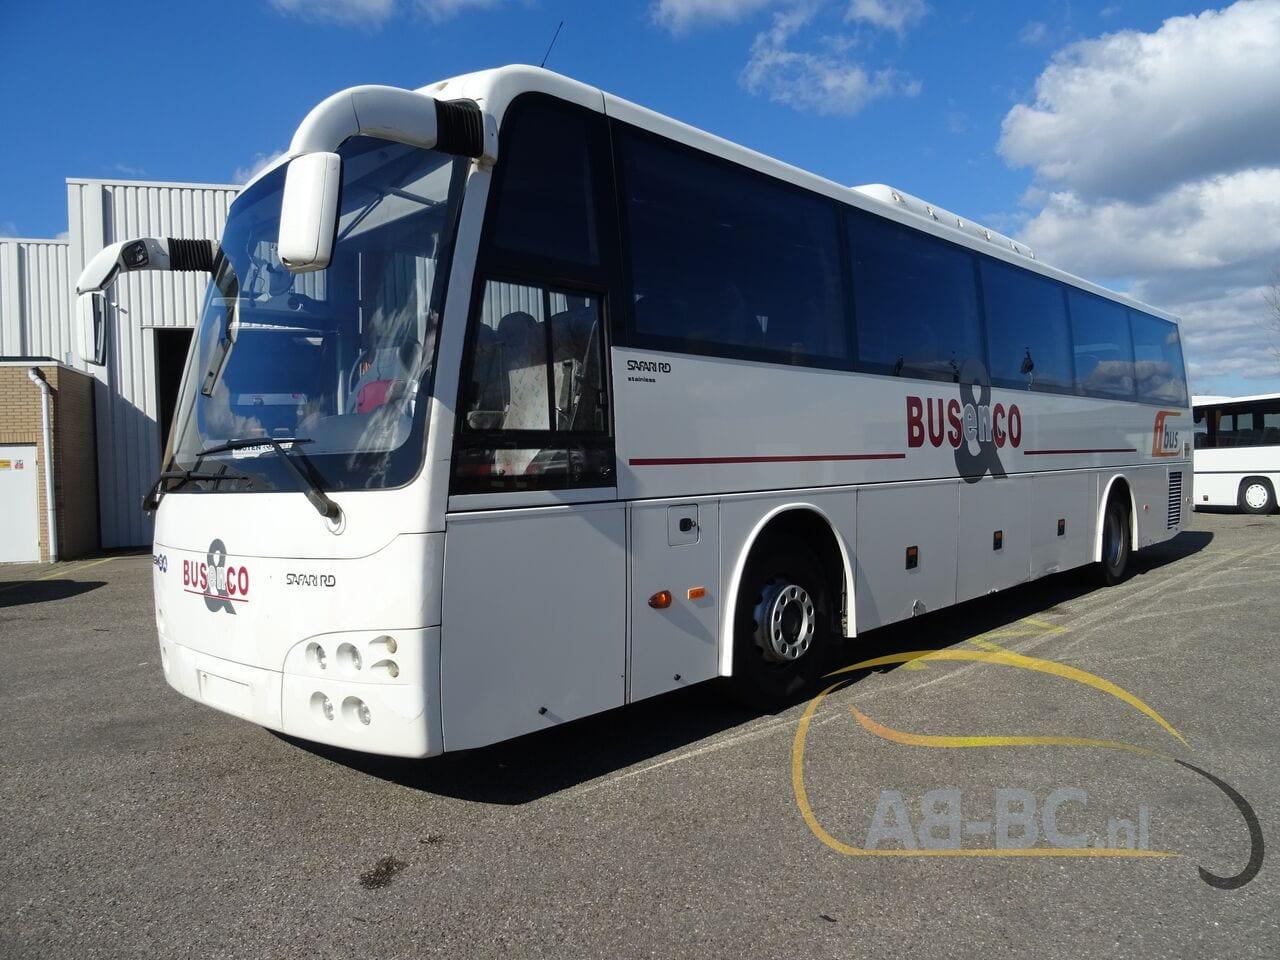 coach-busTEMSA-Safari-RD-53-Seats-DAF-Motor-12-mtr---1616166607784064289_big_429d4c3c2d45c226e8f7b9802280bcf3--21031917053743807500